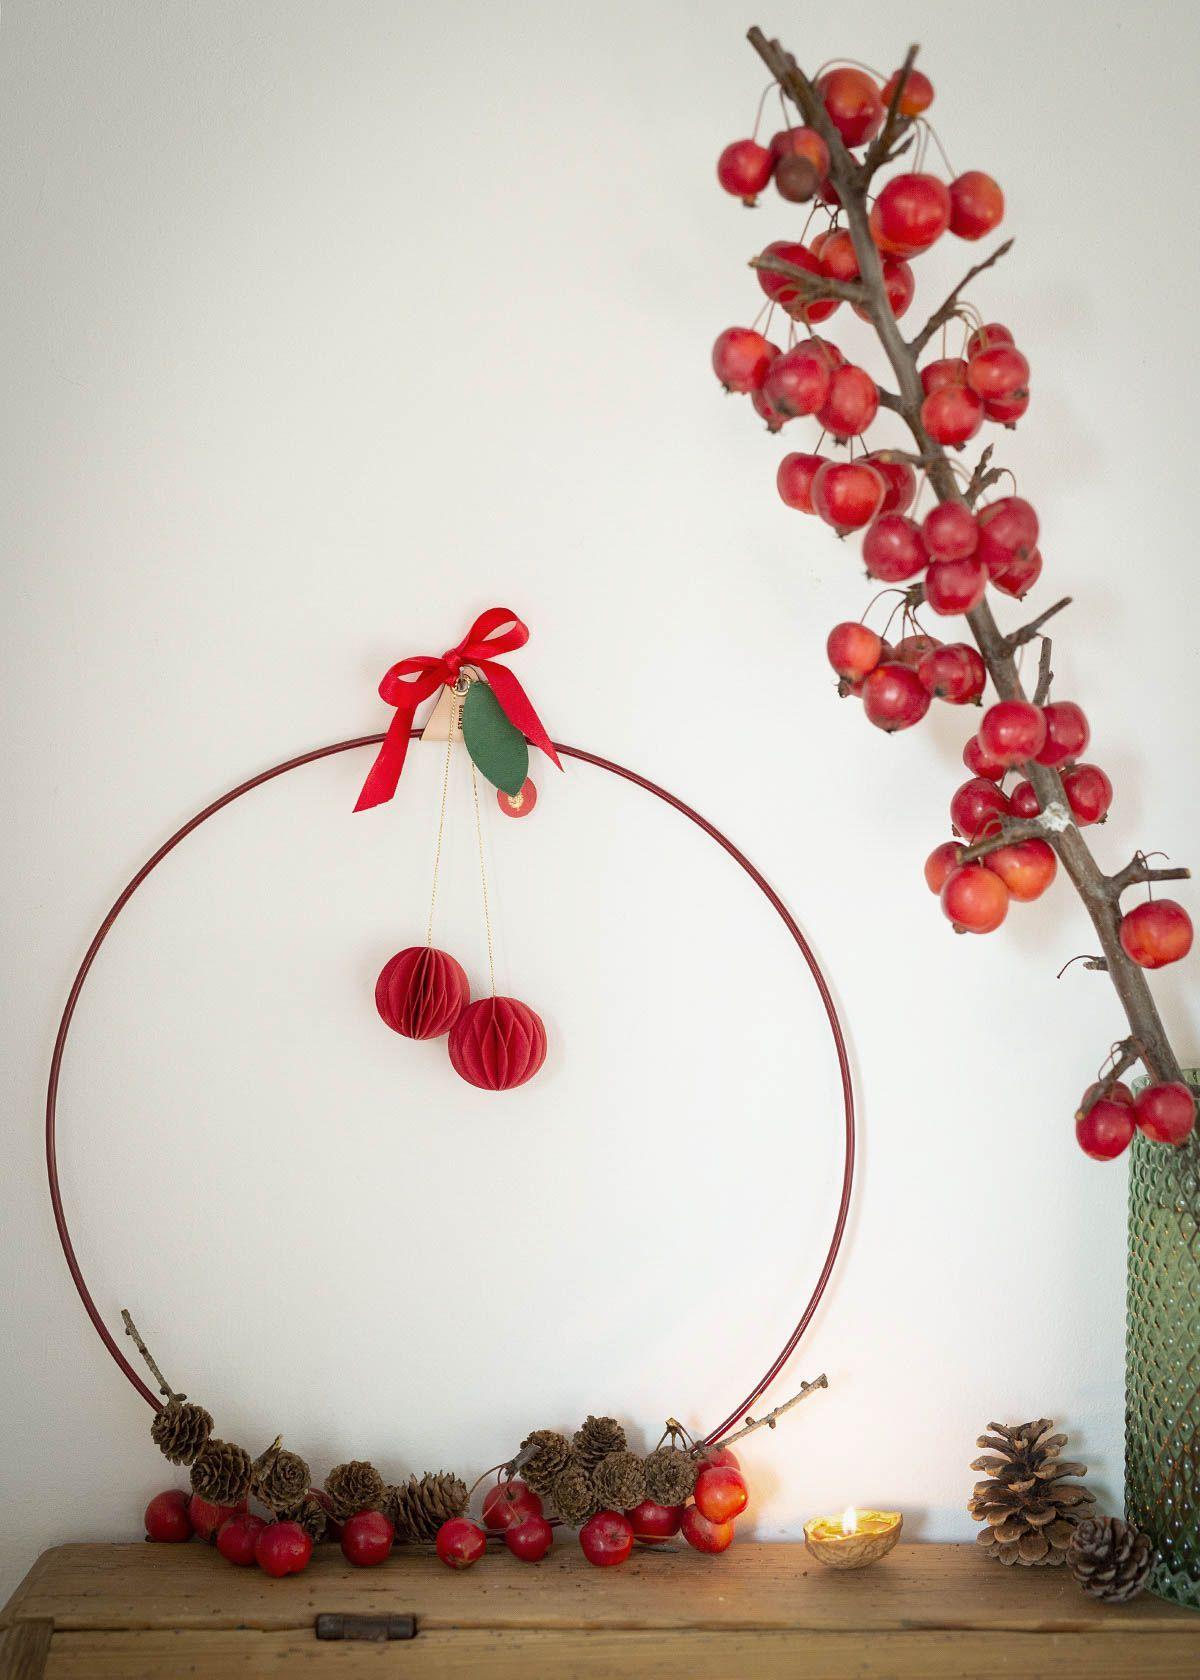 rot-grüne weihnachtsdeko mit äpfeln und nüssen - Wunderschön gemacht #weihnachtsdeko2019trend Der schlichte Dekoring in rot ist mit Zapfen, Zieräpfeln und den Rosetten- Papieräpfeln dekoriert. Den Metallkranz, die Honeycomb Apfel-Christbaumhänger und die Eichhörnchen sind im wunderschoen-gemacht shop erhältlich. #weihnachtsdeko #adventskranz #kranzmitäpfeln #wunderschoengemachtblog #wunderschoengemachtshop